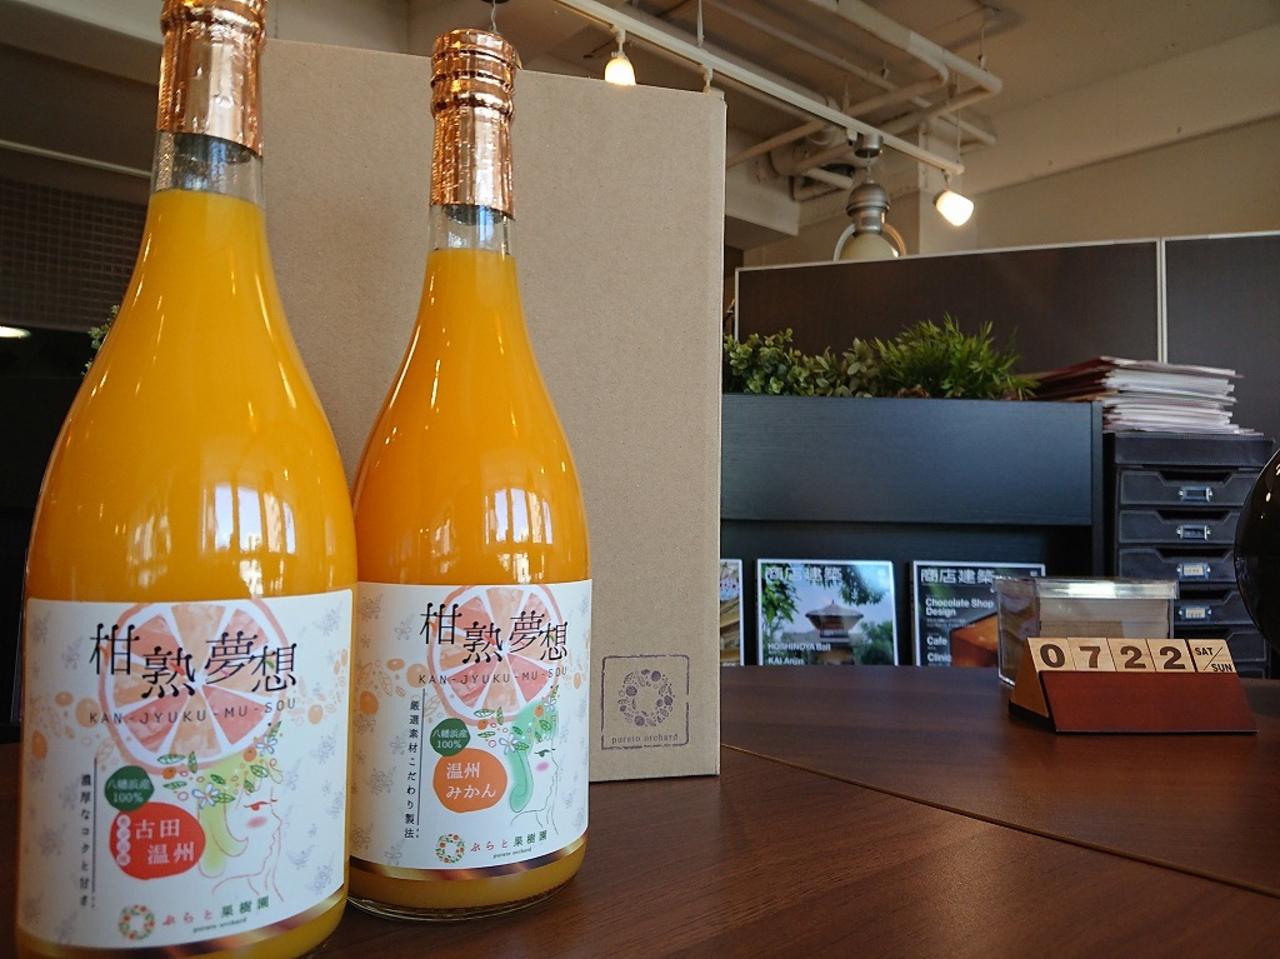 愛媛八幡浜 ぷらと果樹園より柑熟夢想[古田温州]みかんジュースが届きまし